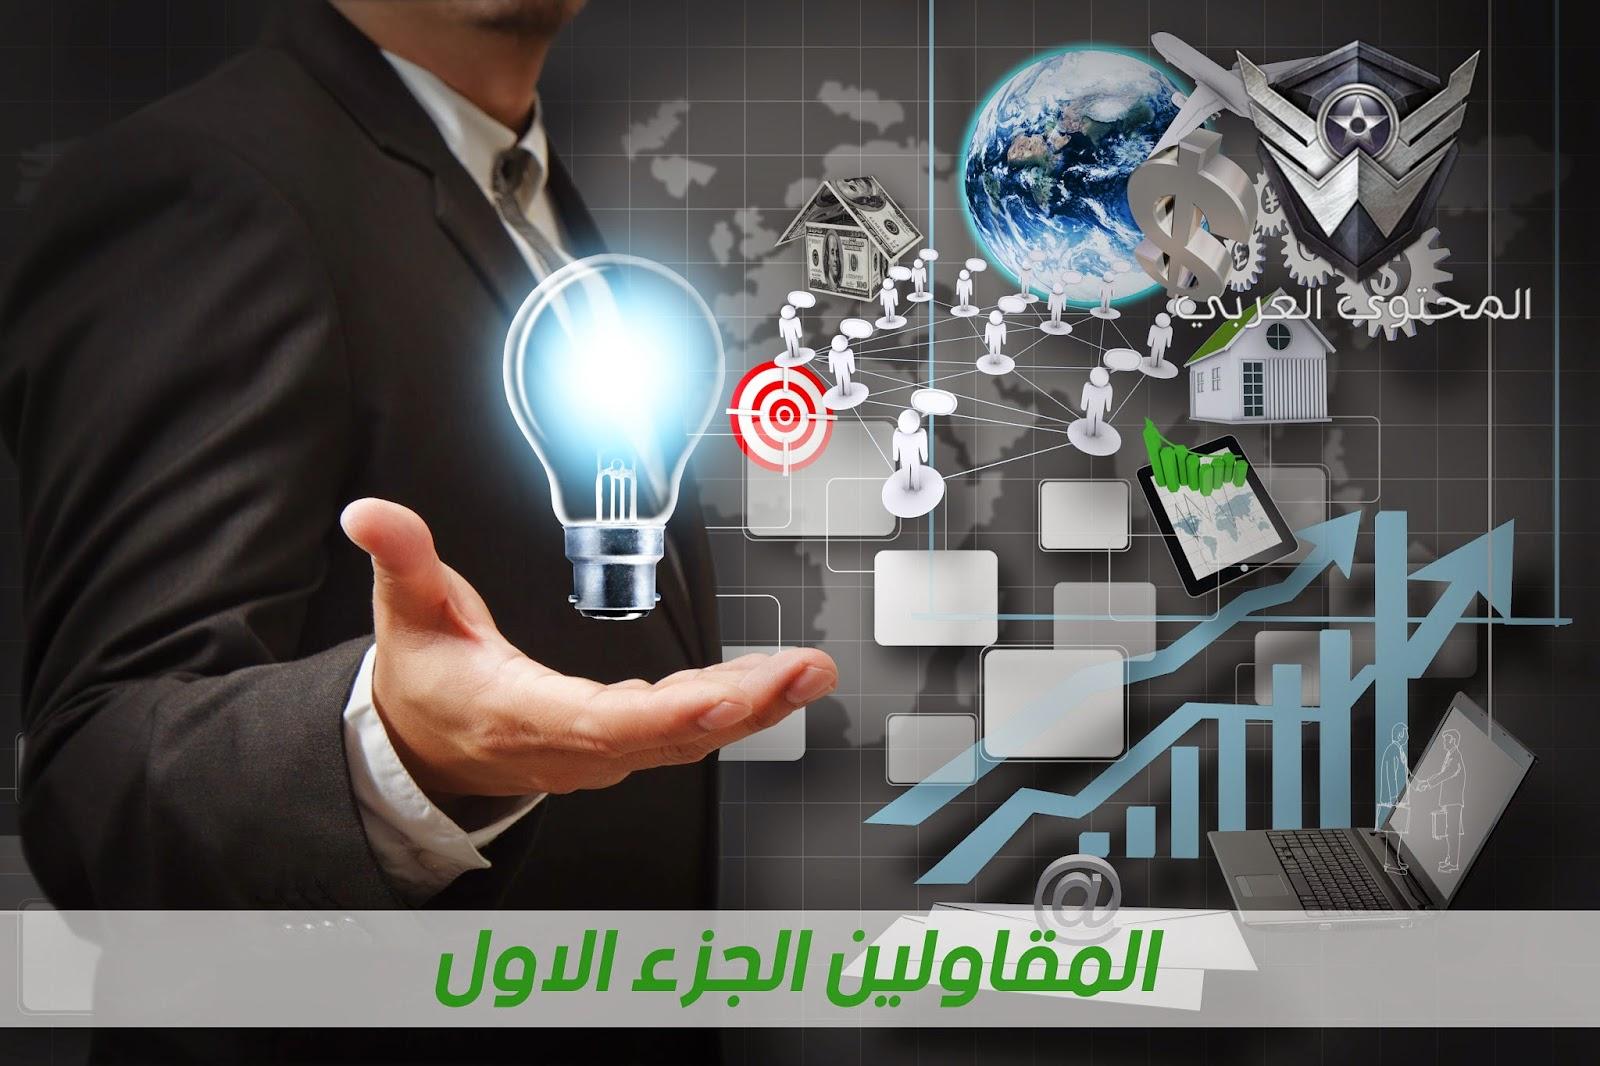 المقاولين - Entrepreneurs (الجزء الاول)